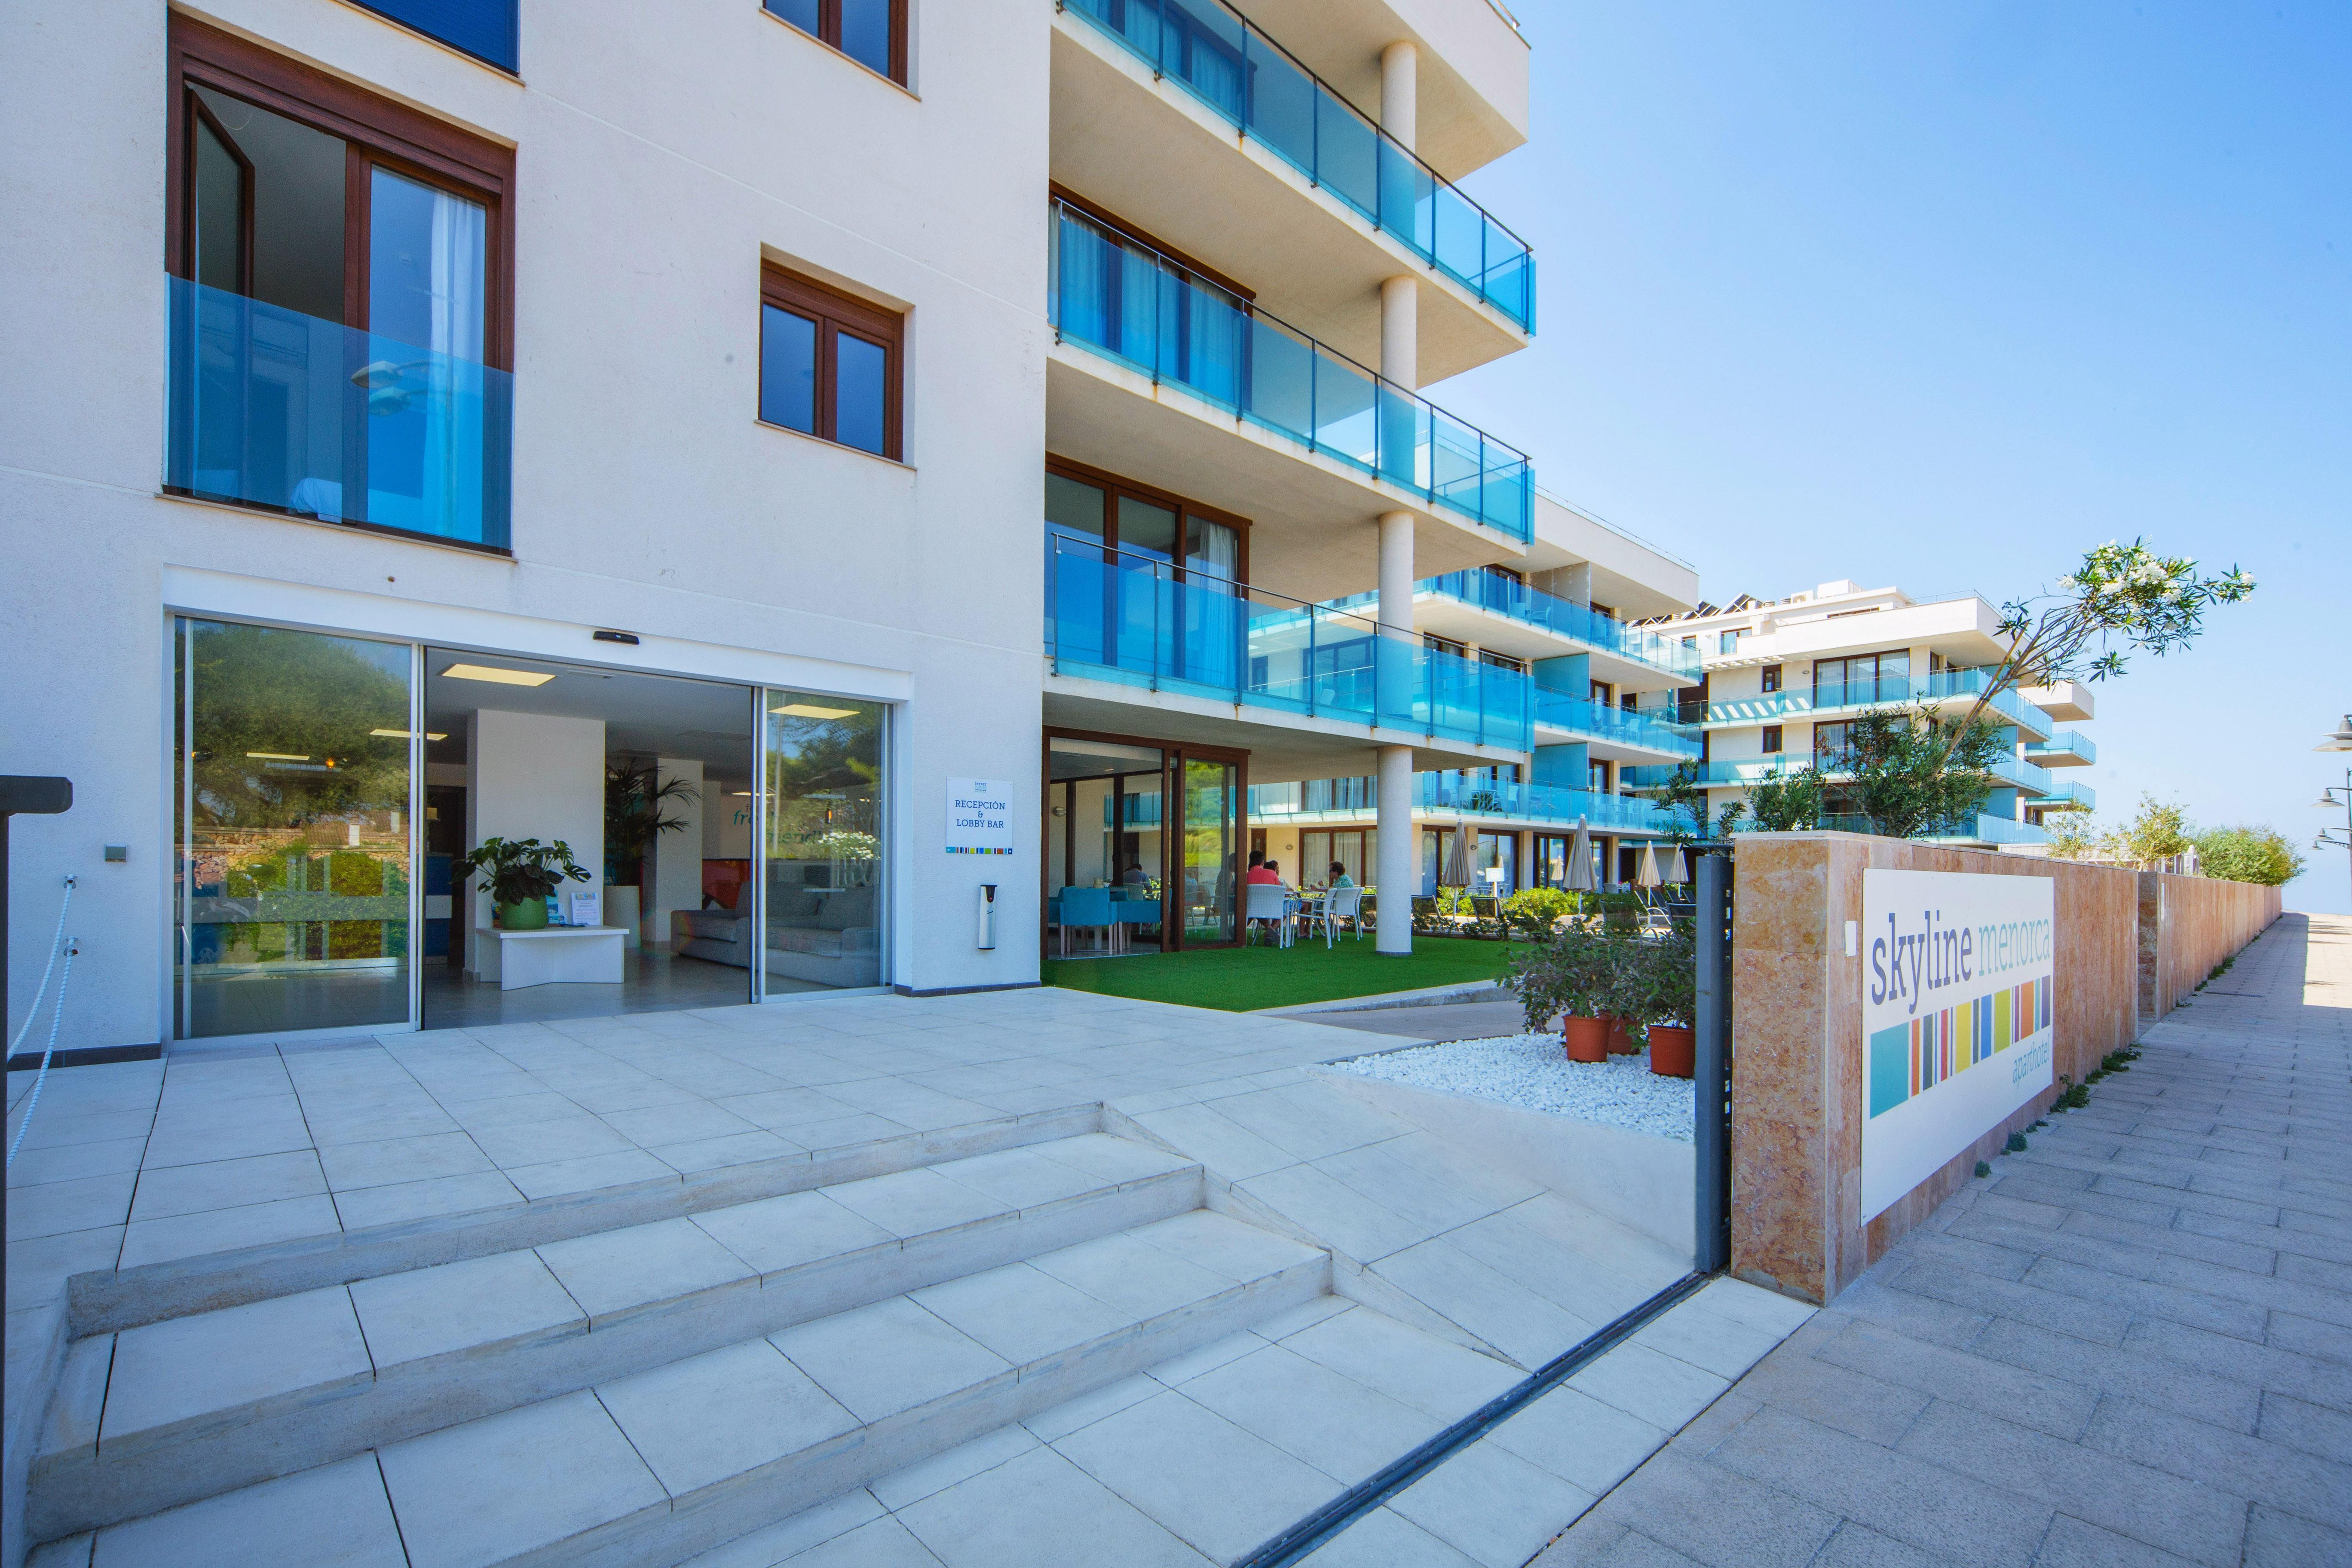 Aparthotel Ferrer Skyline